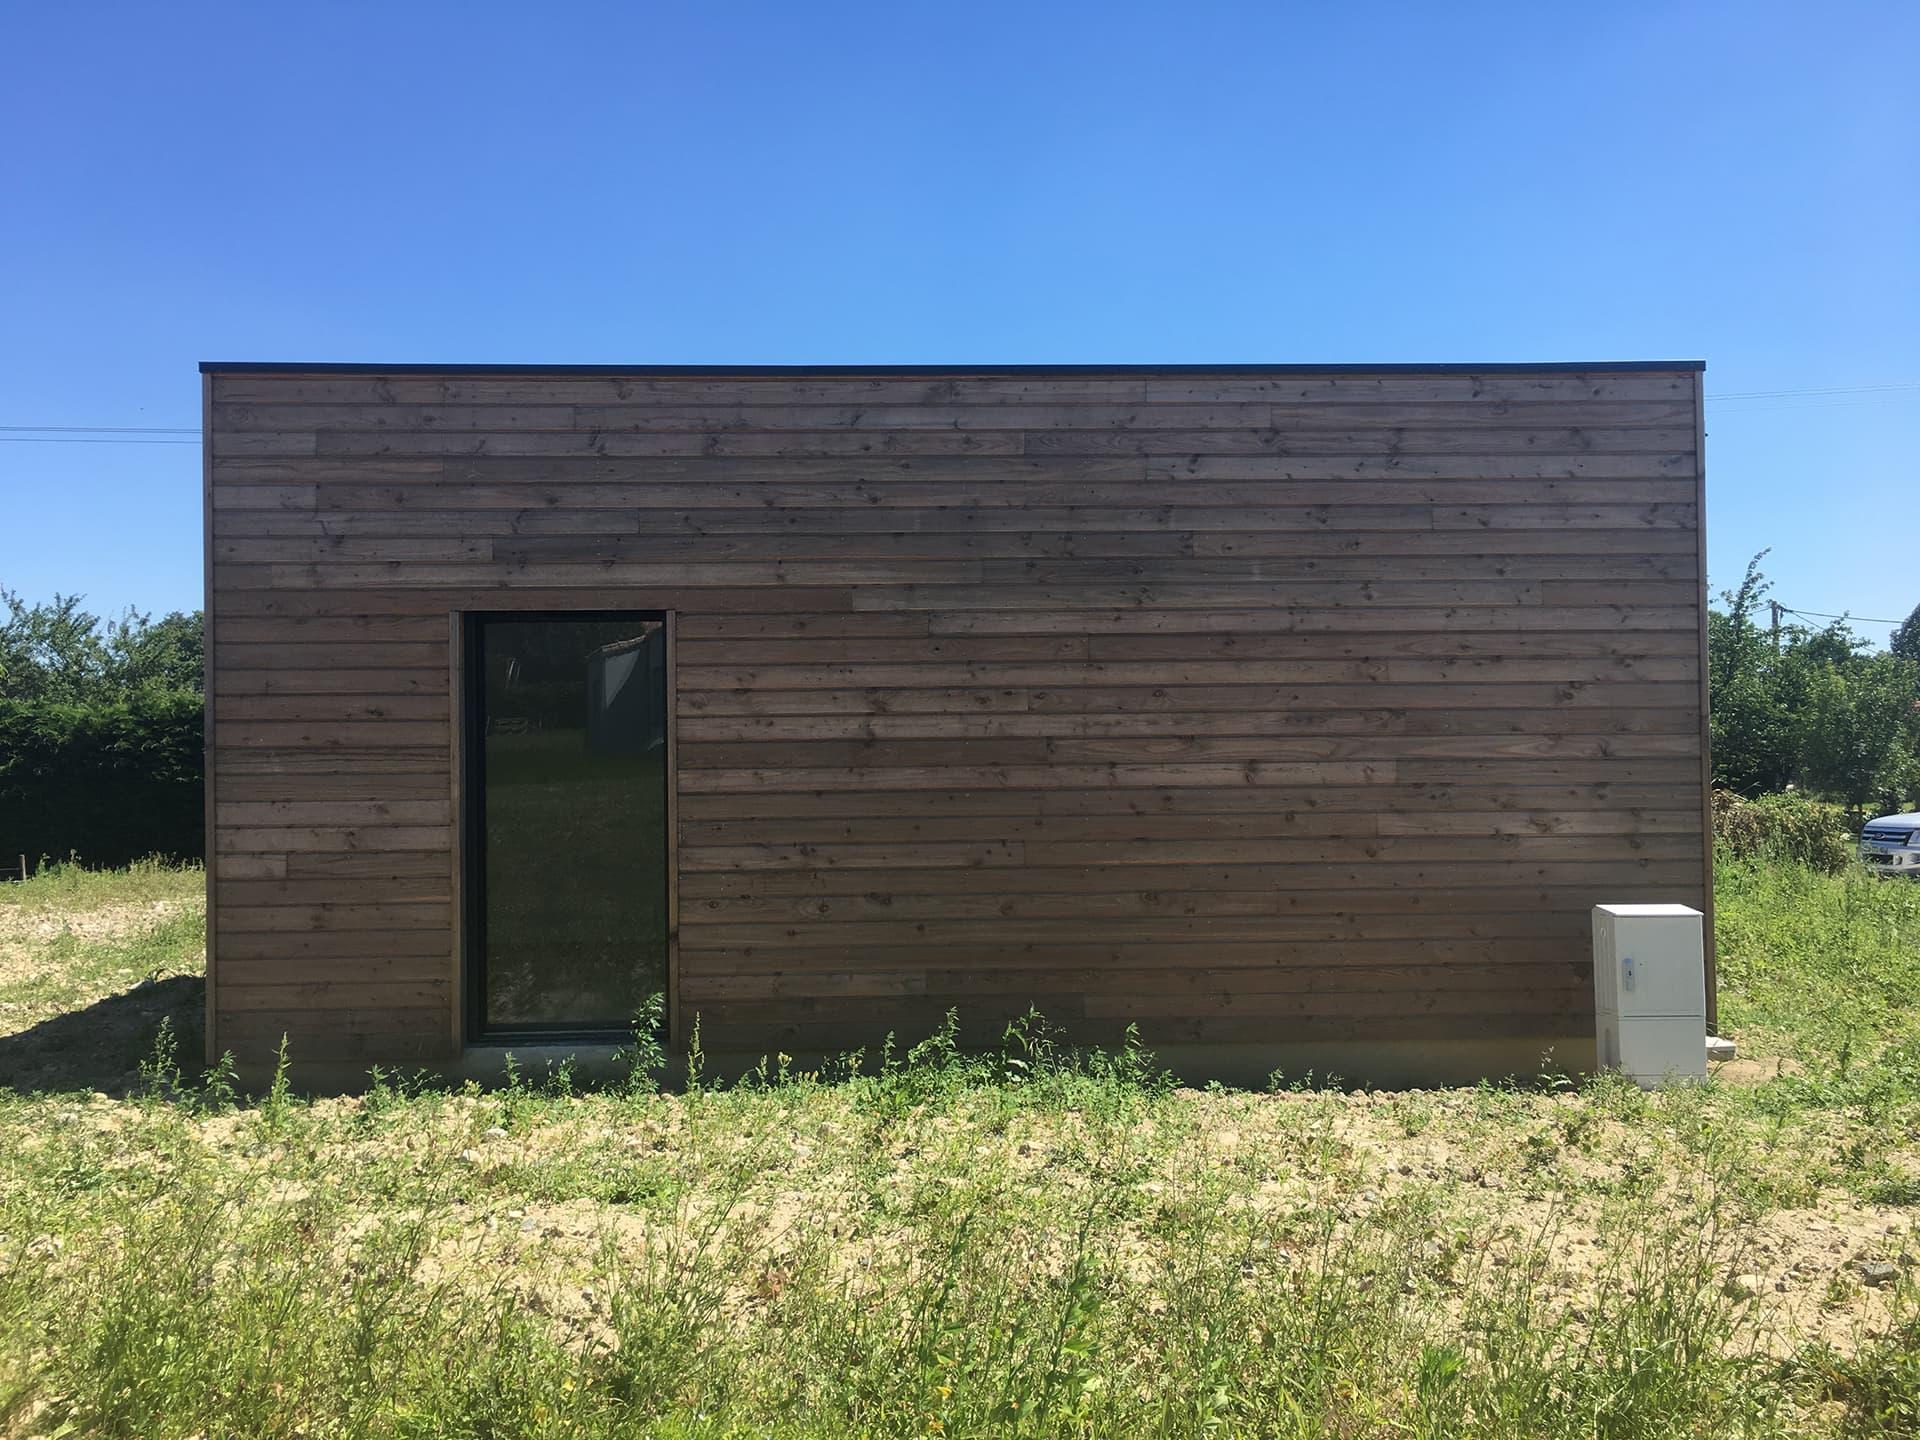 Maison bois facade cote chambres enfants - Permis de construire pour une maison en bois à Legé, proche Nantes